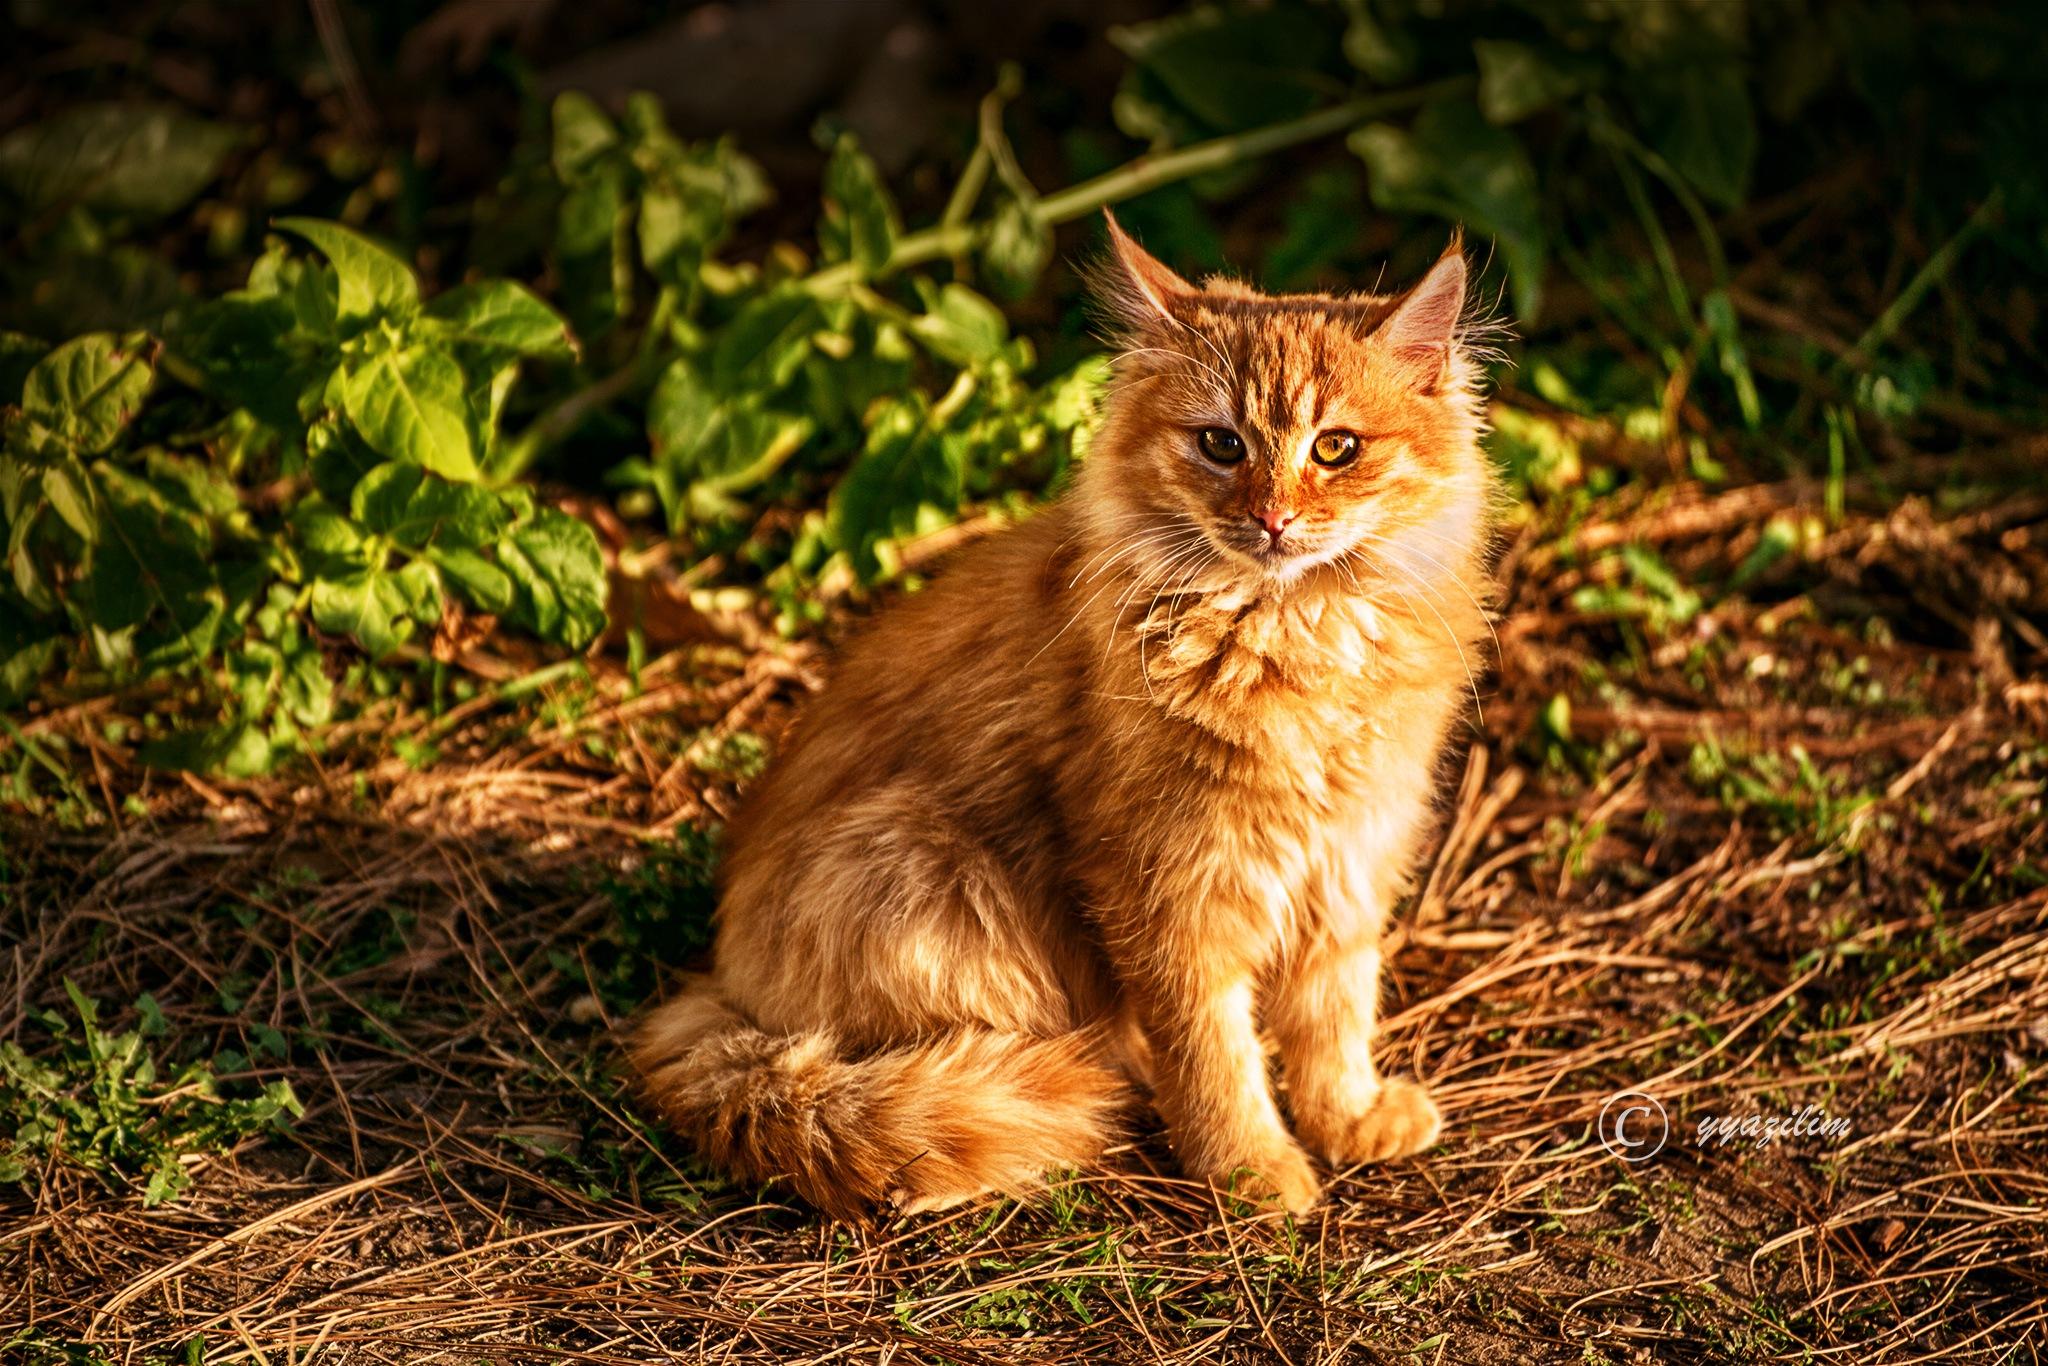 Kedi güzeli by İbrahim YILDIZ